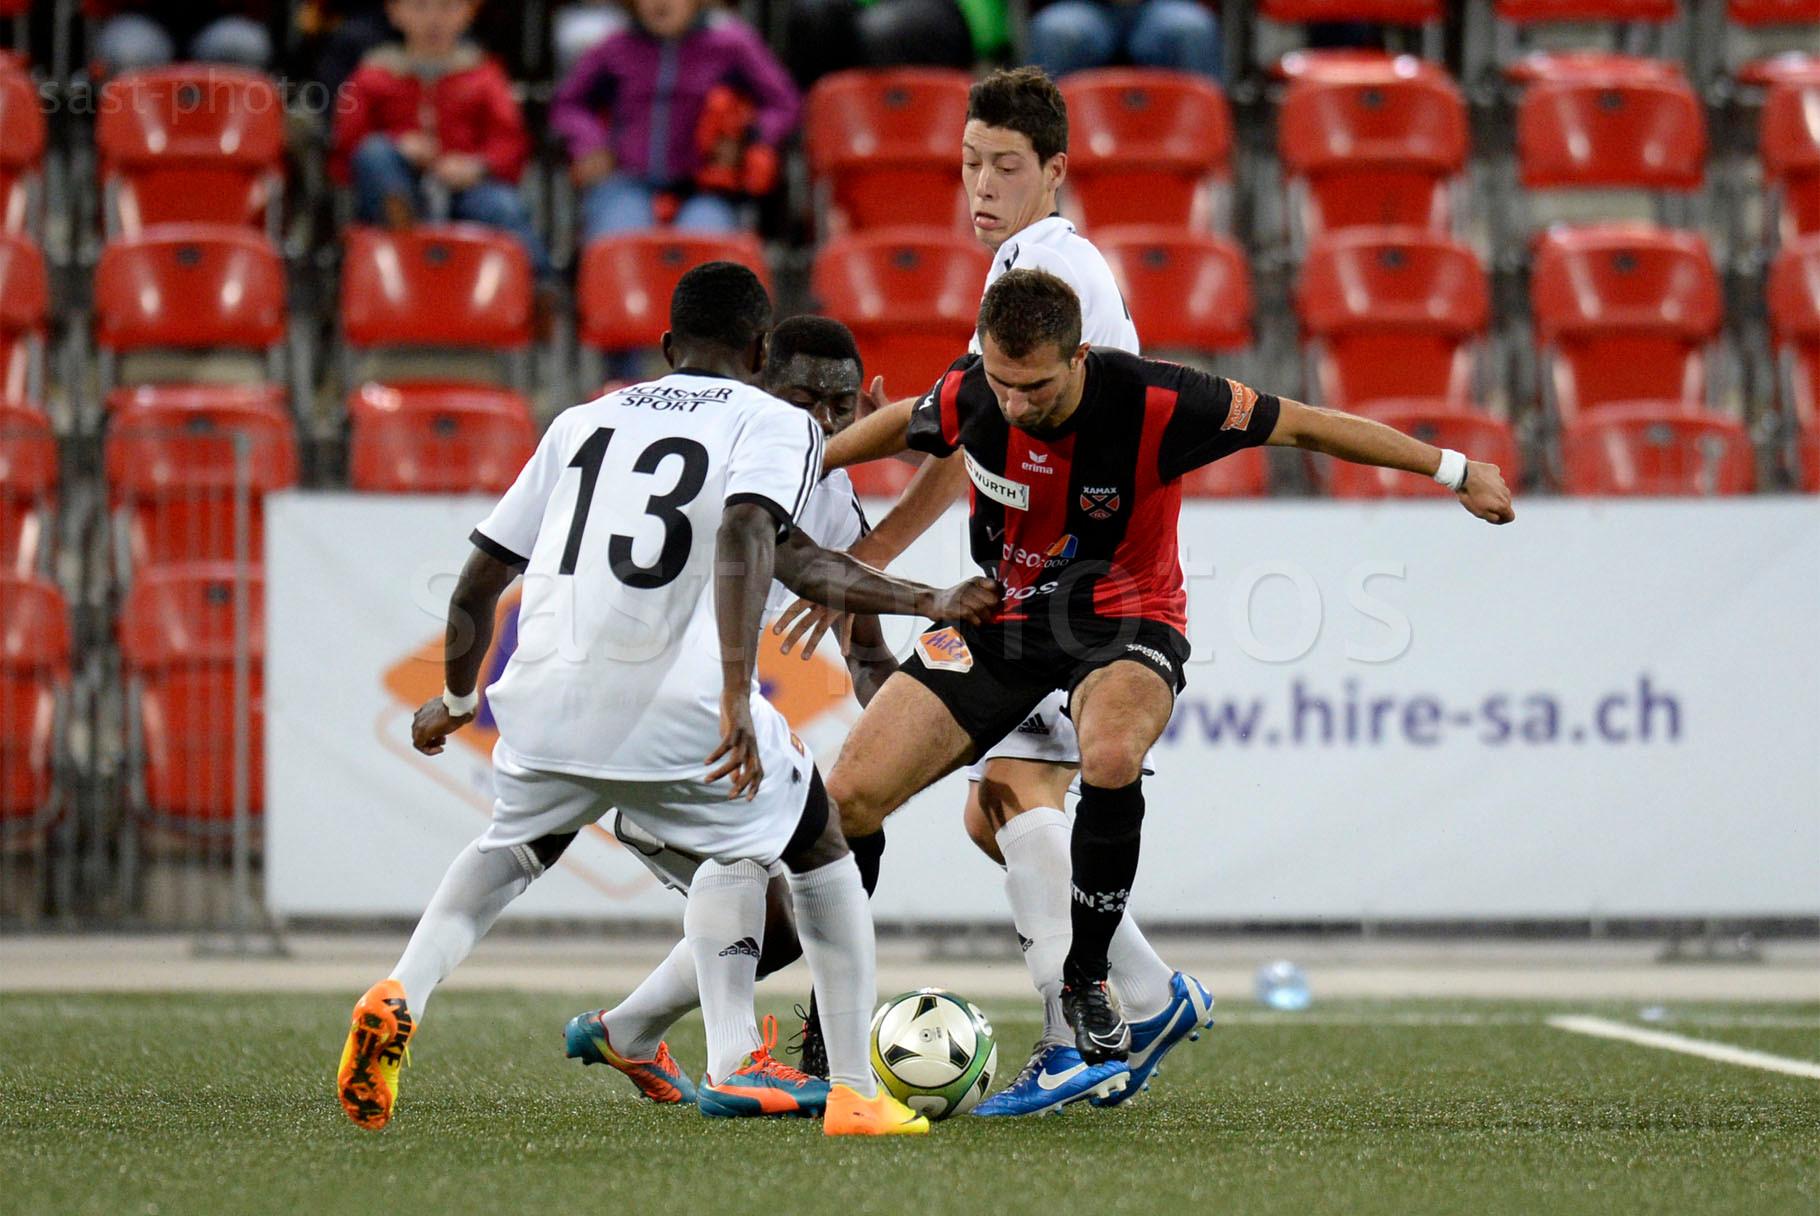 Marco Delley (Xamax FCS) gegen die Carouge Spieler Milton Kusunga, Rolling Iyeti und Stephane Pais